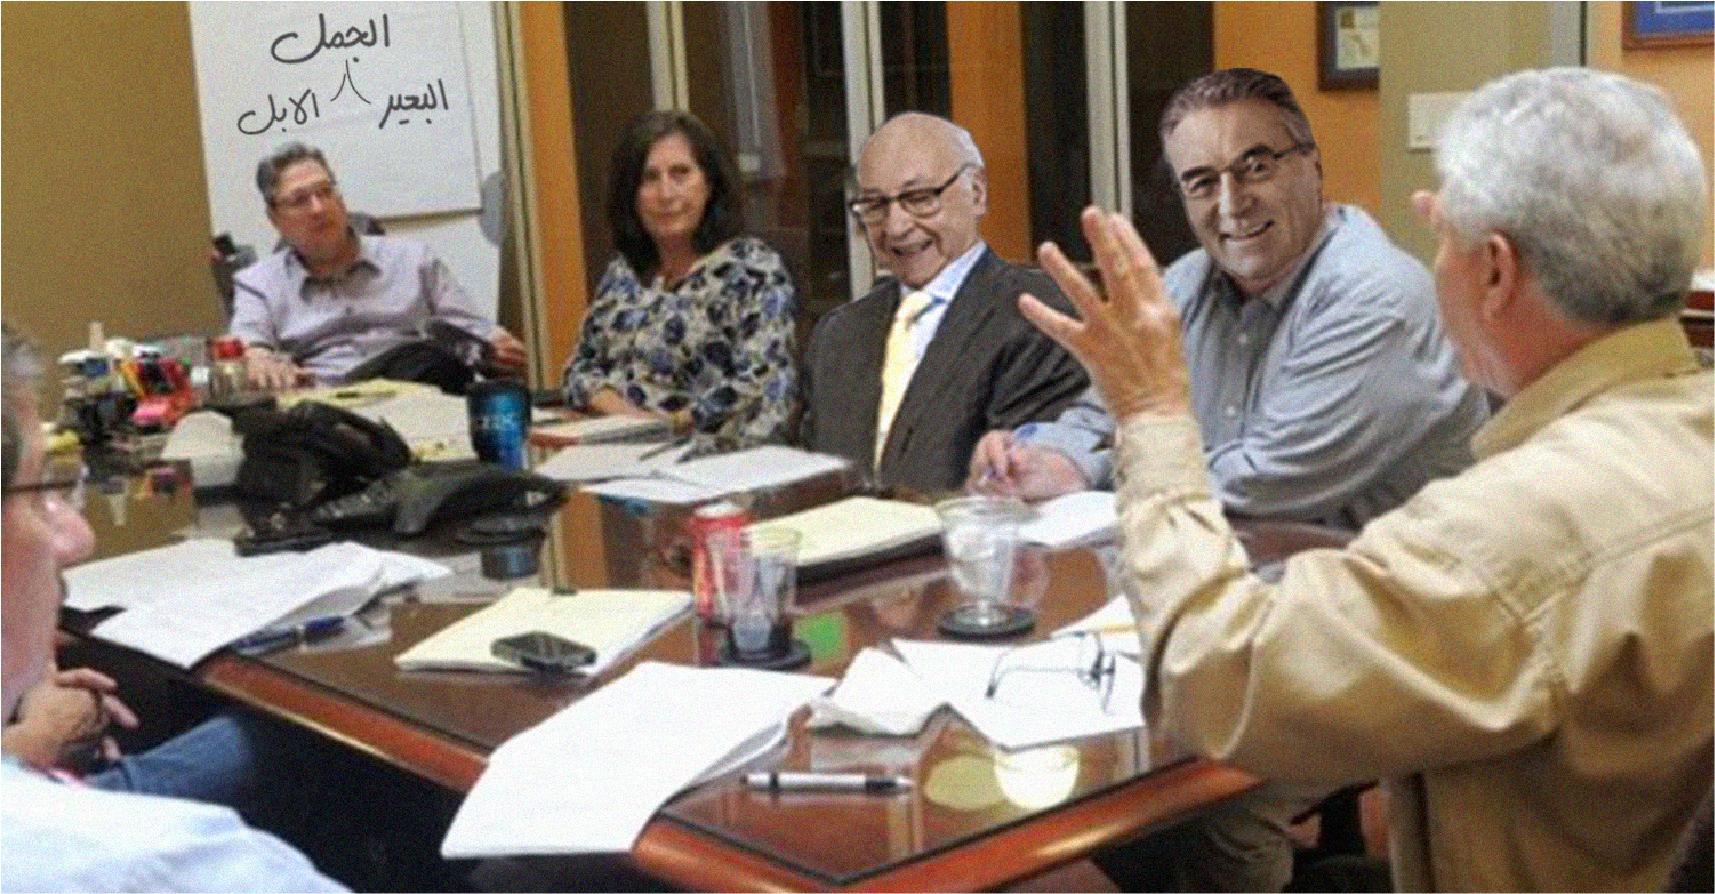 صورة نزار قباني يكتب للحدود: ثوري، أحبك أن تثوري لأن ذلك يستثيرني